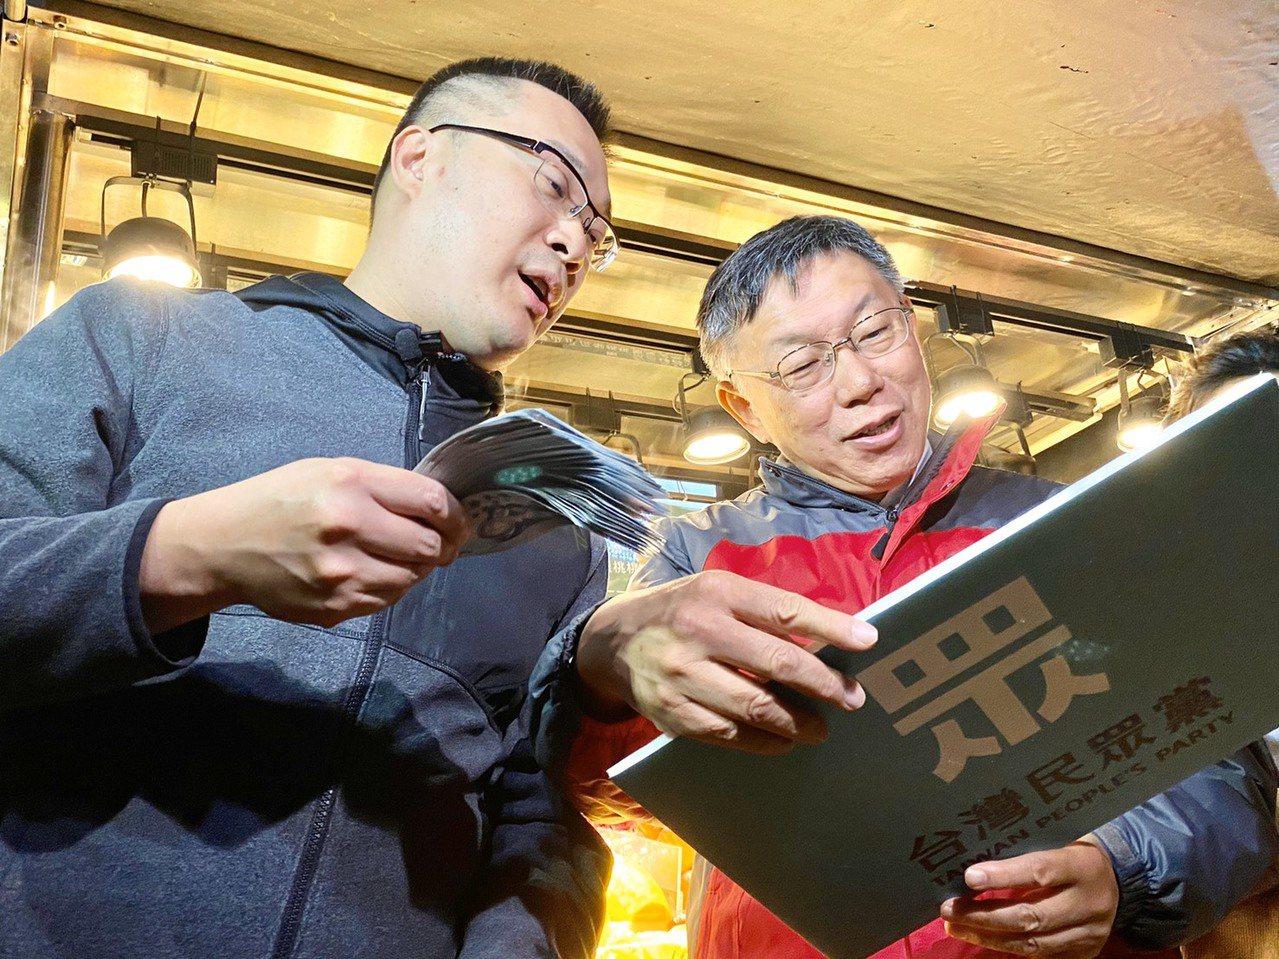 「宅神」朱學恒日前在臉書上公開表示,若台灣民眾黨主席柯文哲能解決這水果攤,他保證...